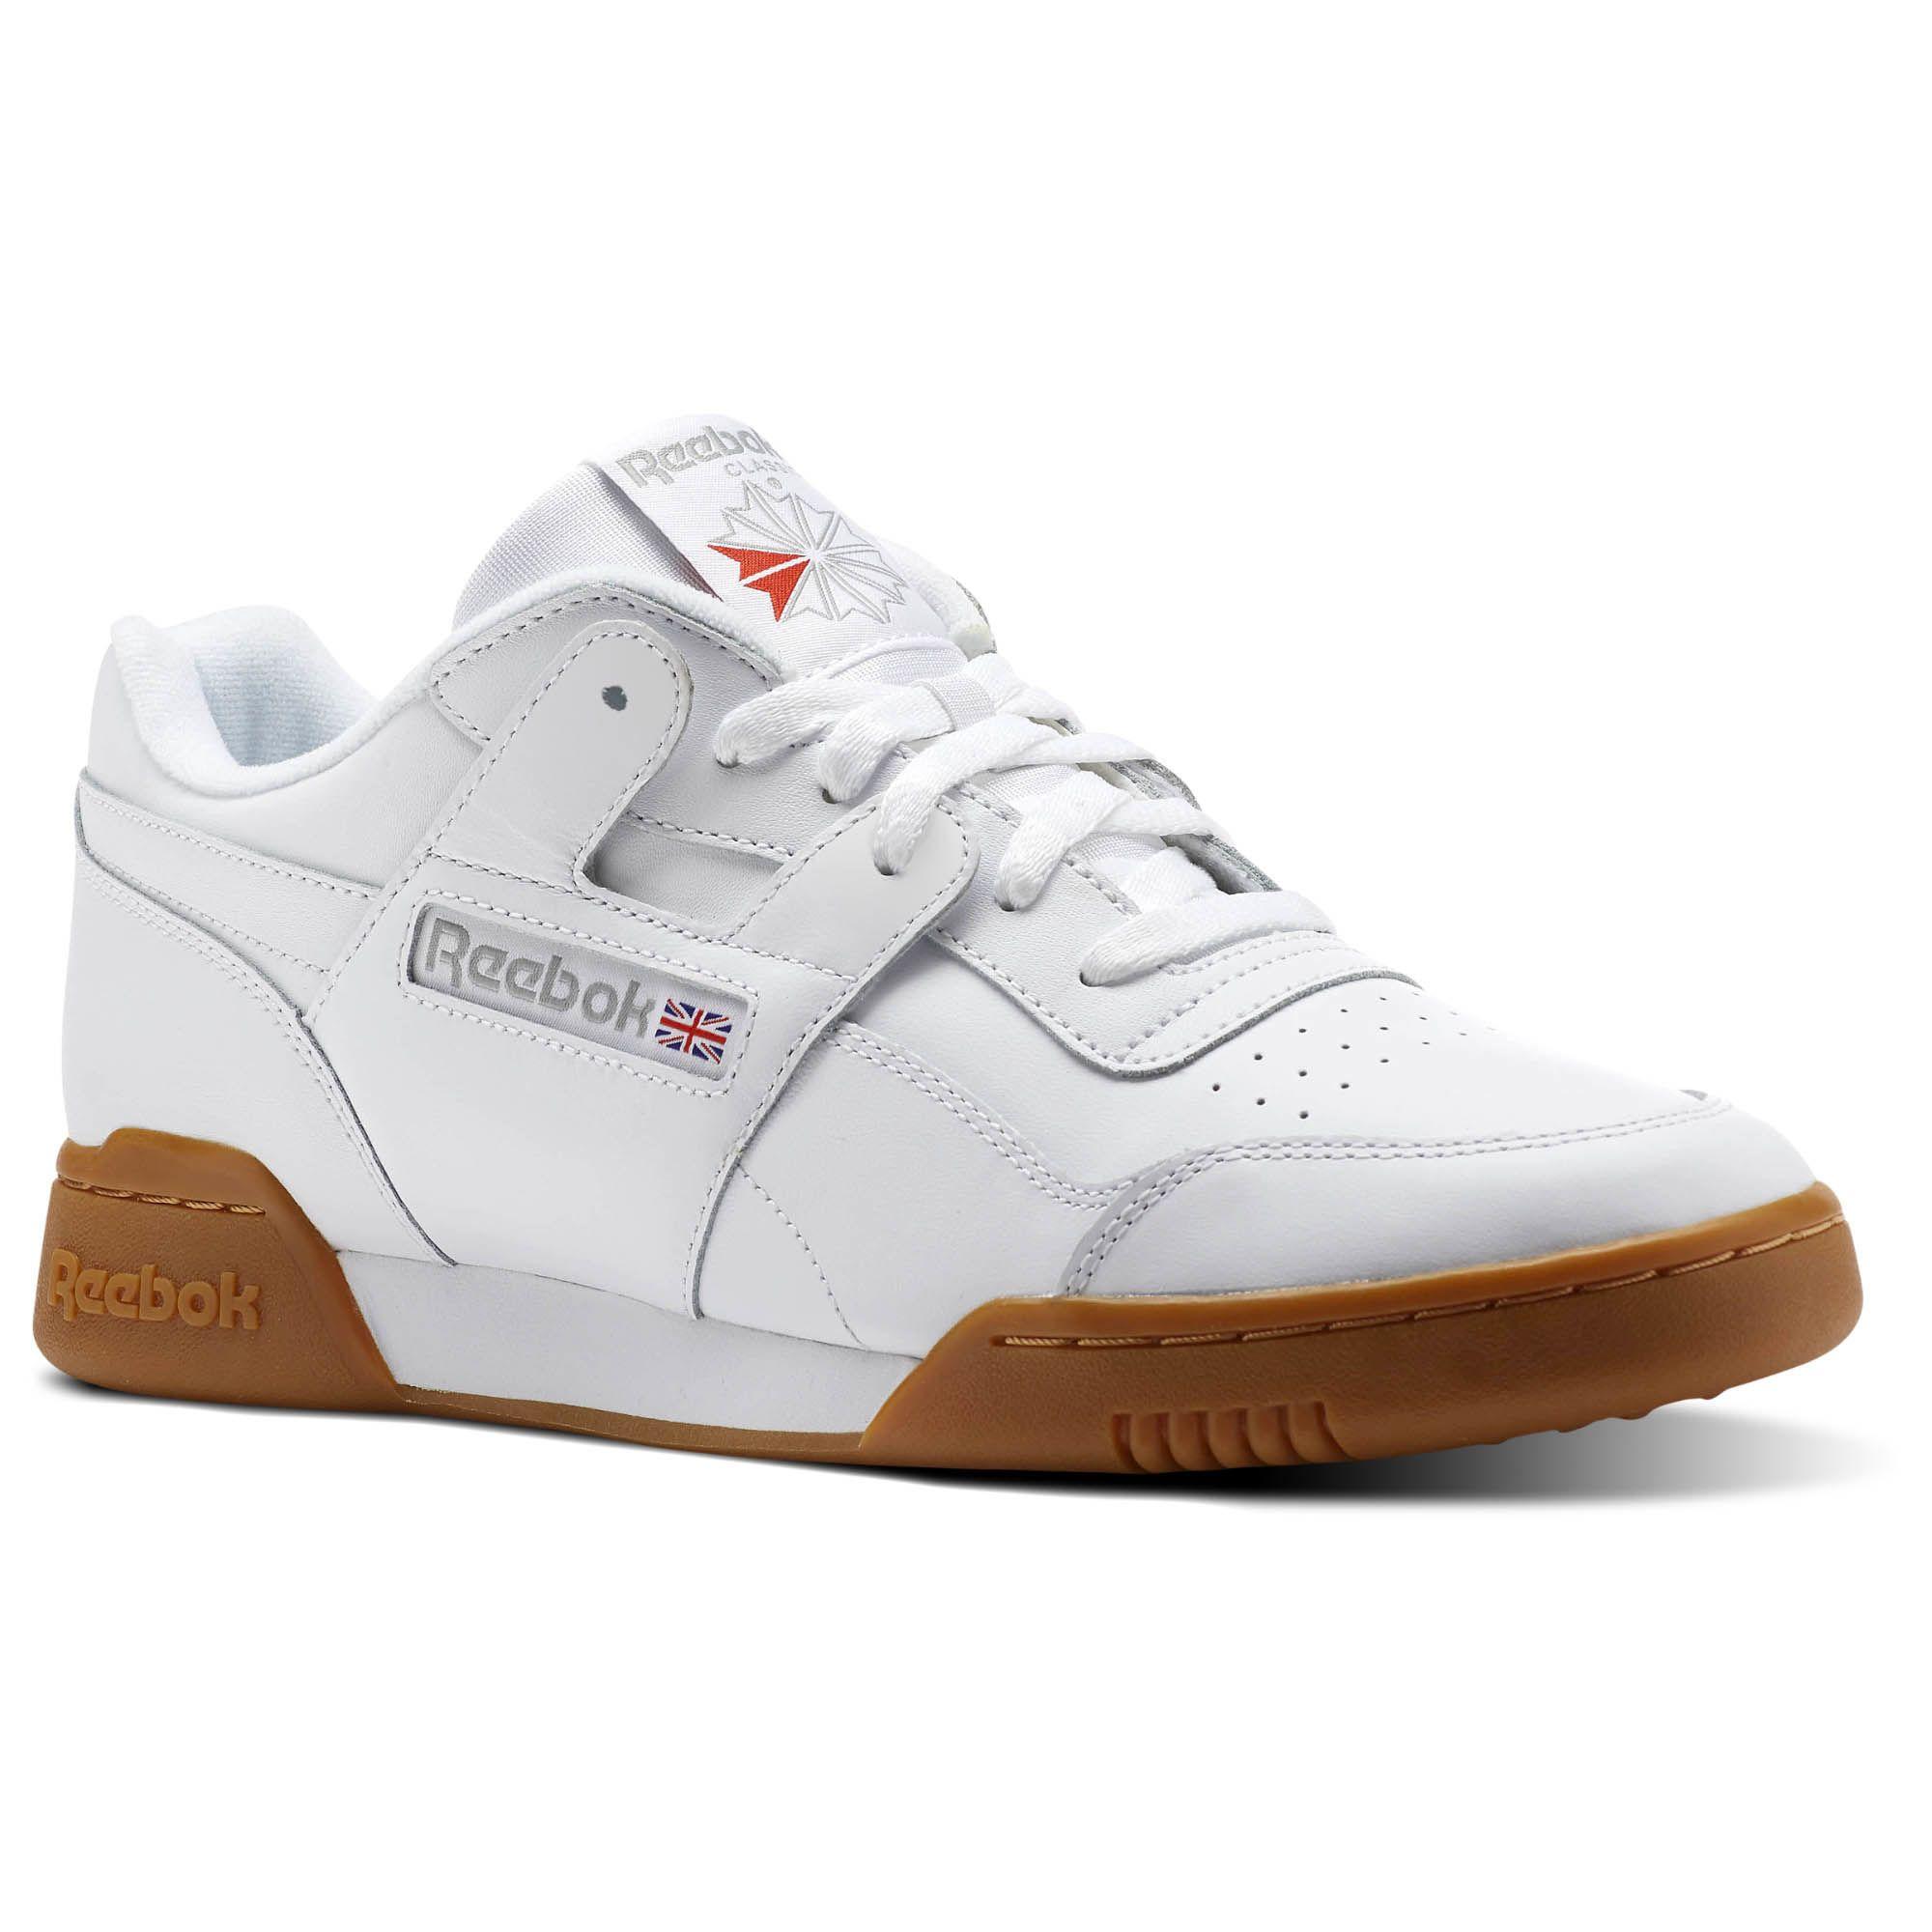 06e0148b4d27 Reebok Workout Plus - White